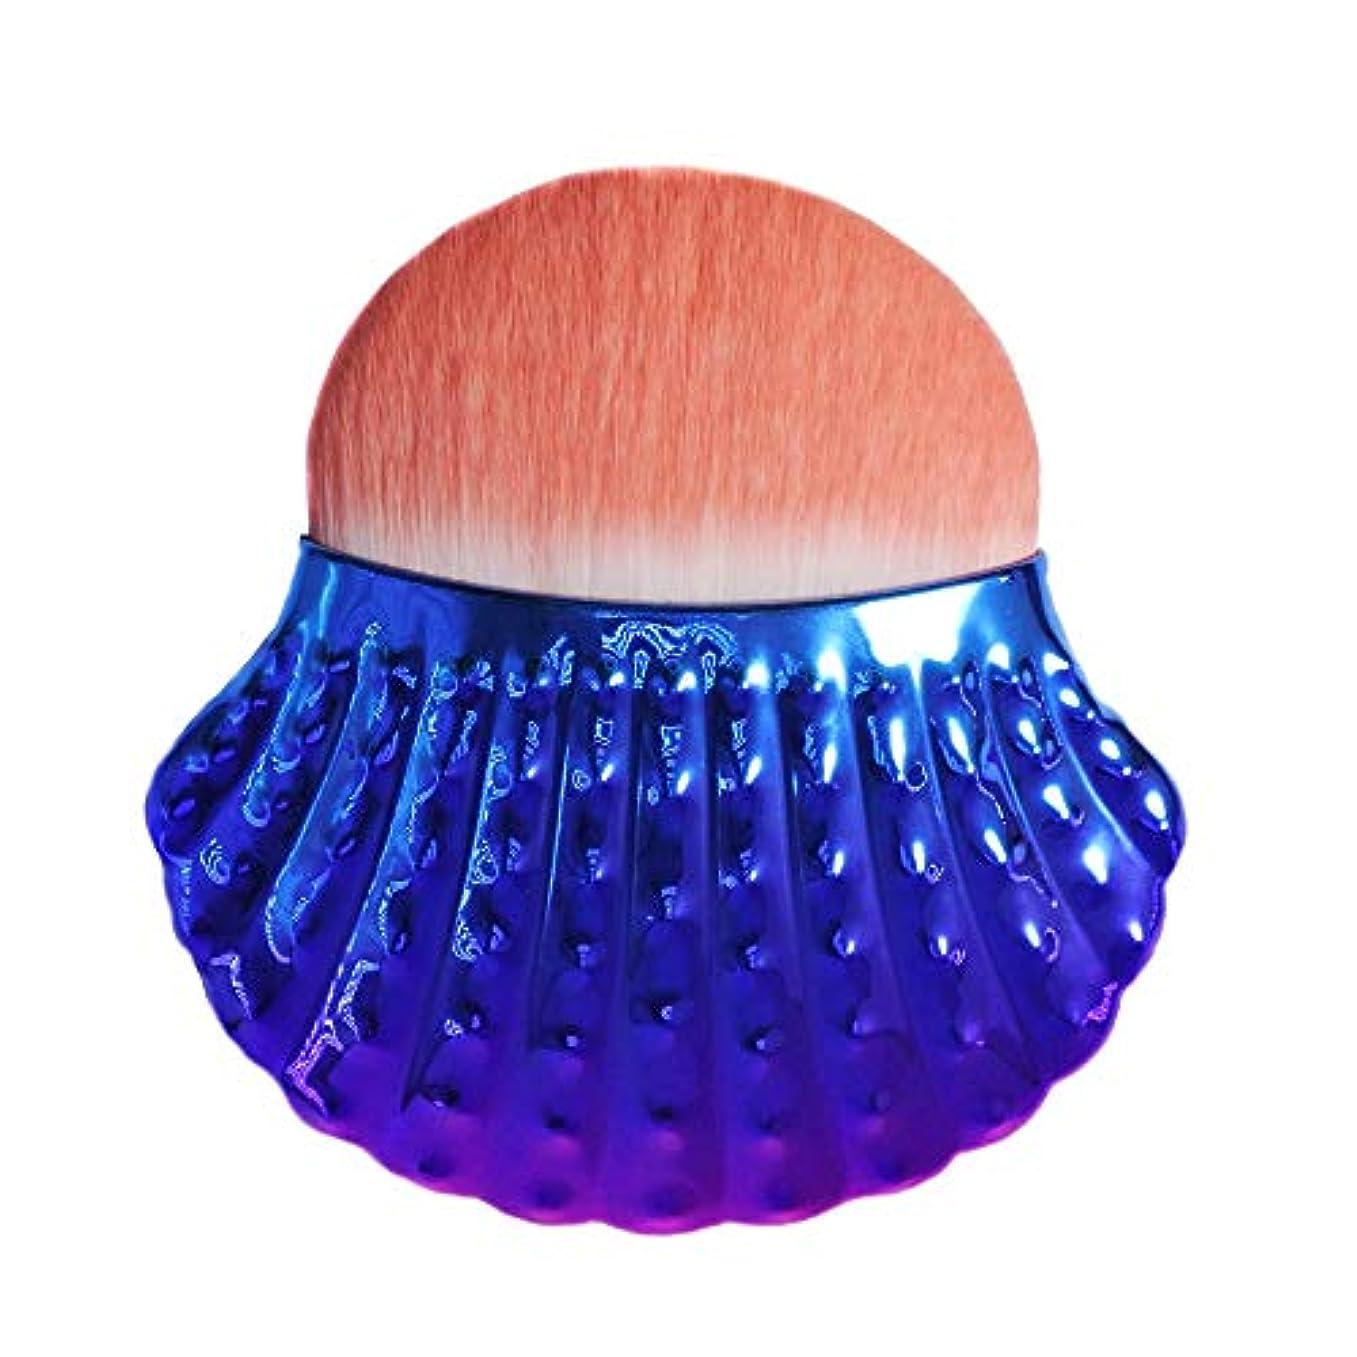 効果的に紀元前石膏Makeup brushes 青、独占シェルタイプブラッシュブラシ美容メイクブラシツールポータブル多機能メイクブラシ suits (Color : Blue)